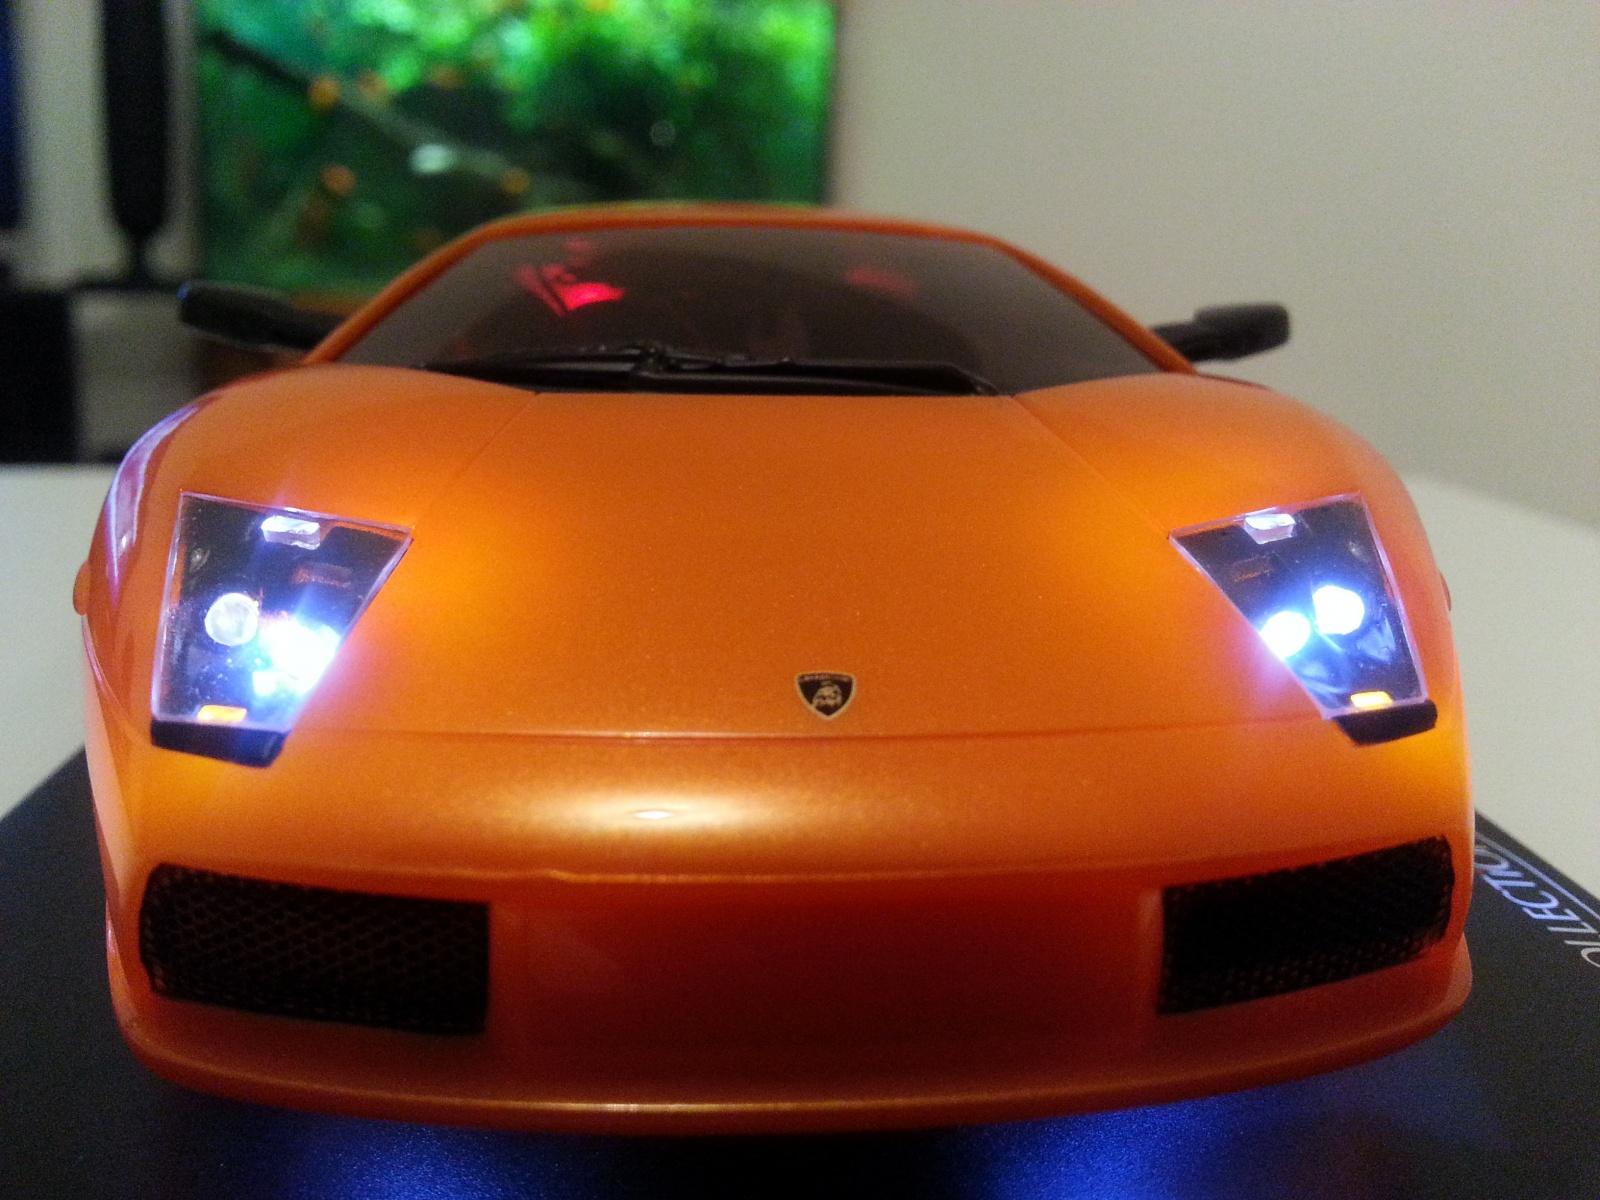 Kit lumières Atomic sur quelle carrosserie? 52888720130316195447